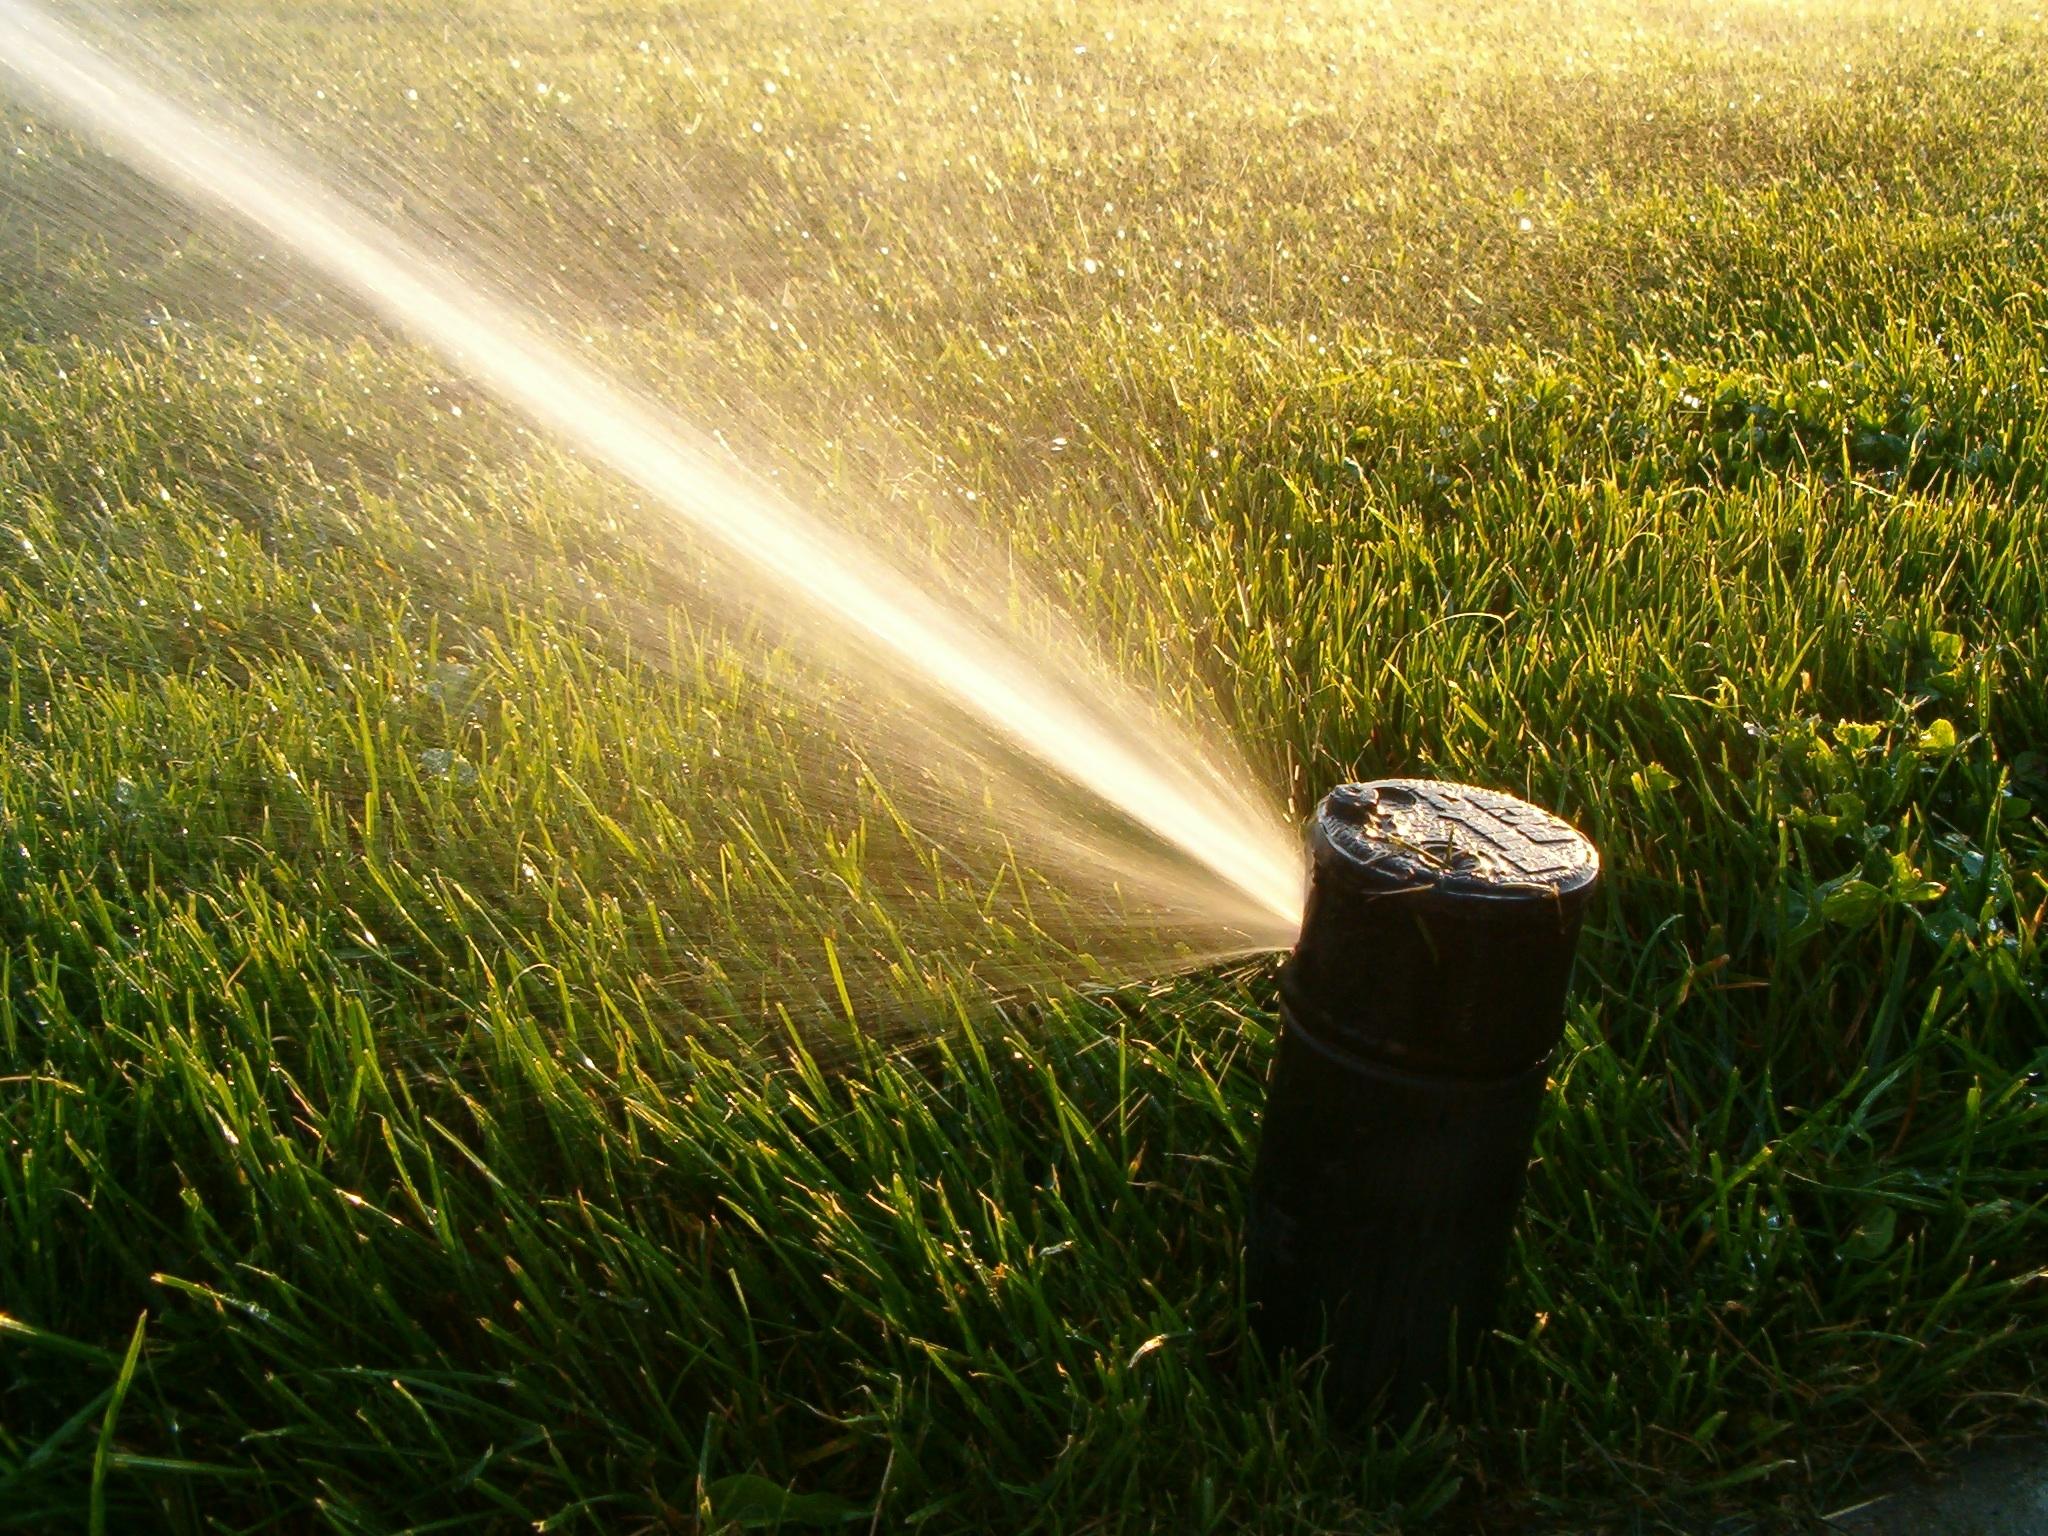 Best 52 Turf Irrigation Wallpaper on HipWallpaper Turf 2048x1536